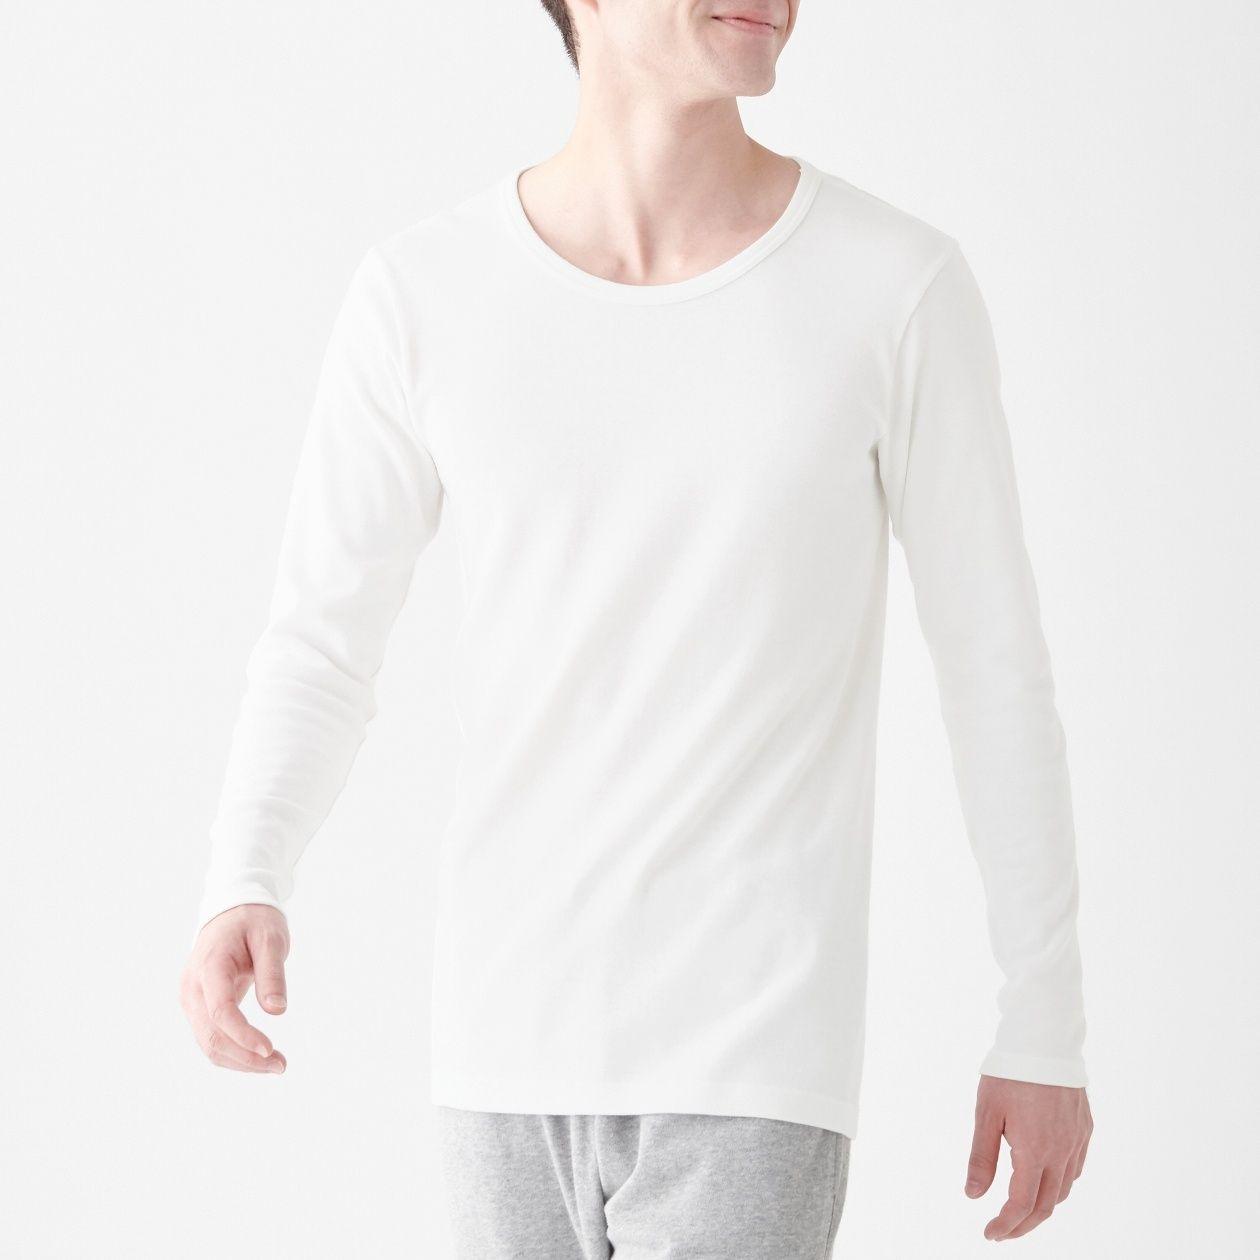 [무인양품] 면과 울로 한겨울도 따스한 크루넥 긴소매티셔츠 남성 MUJI 일본 공식스토어